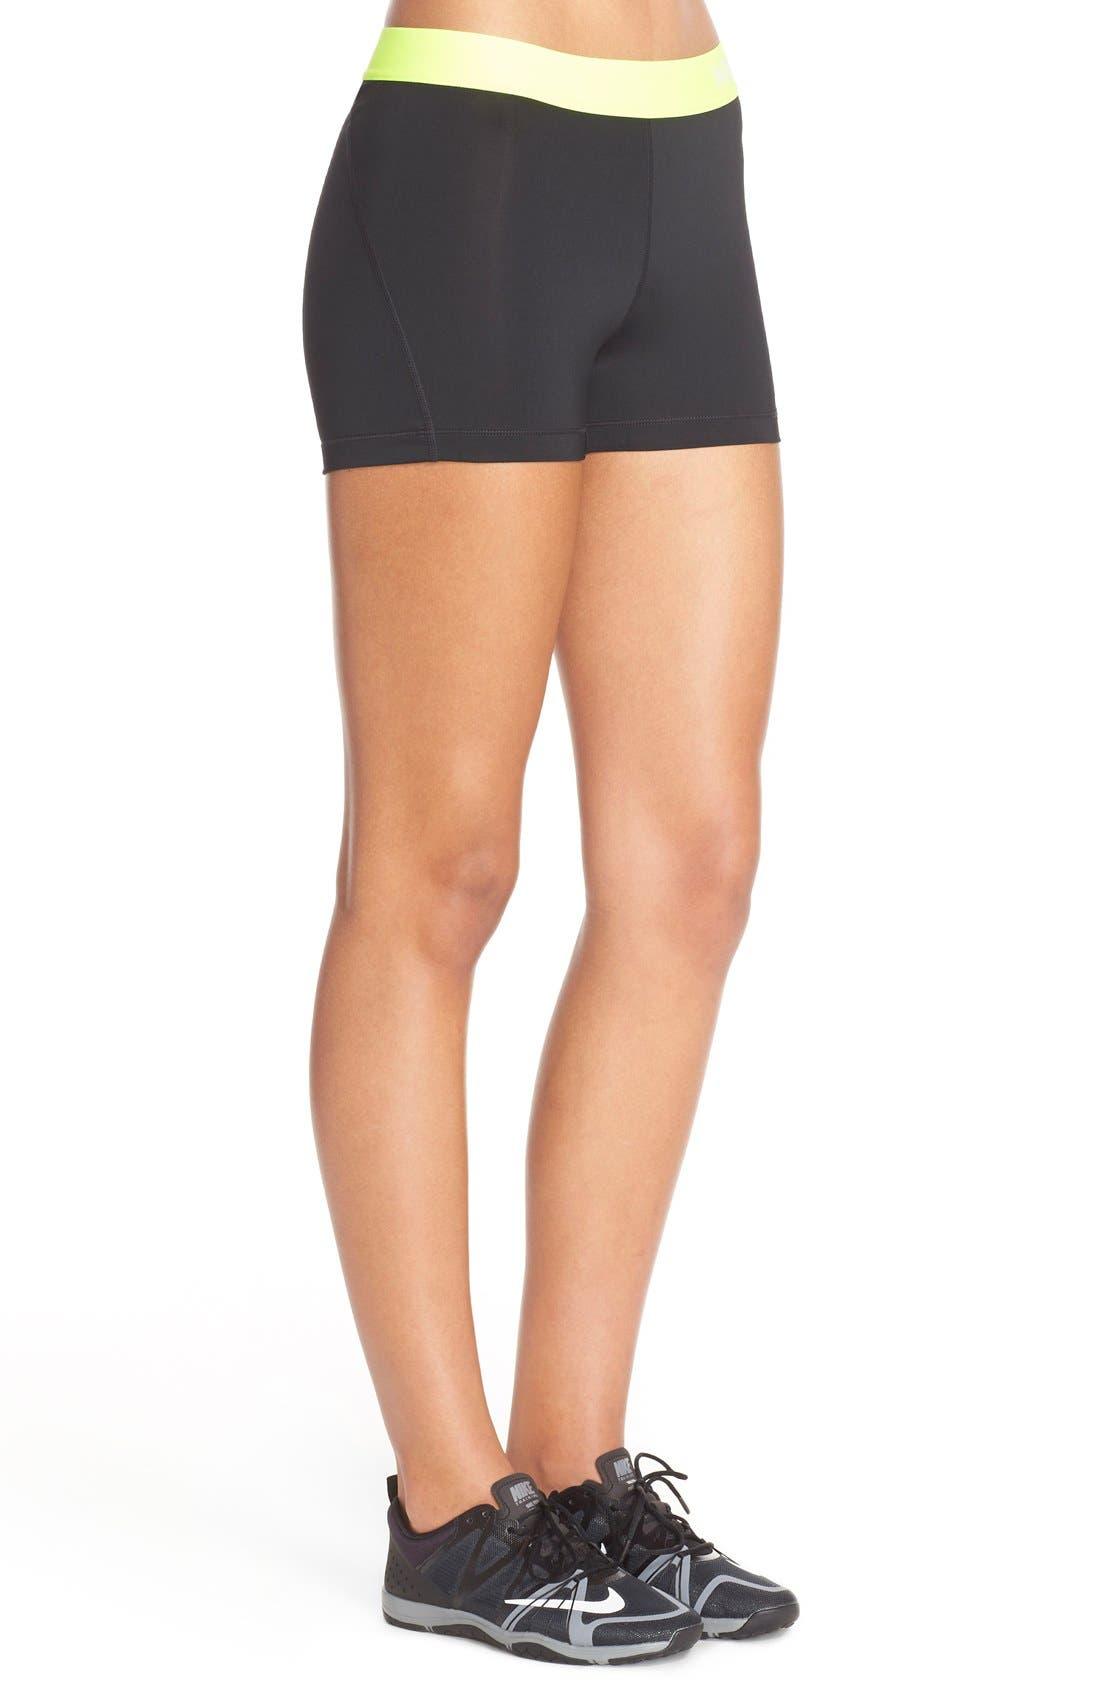 NIKE,                             'Pro' Dri-FIT Shorts,                             Alternate thumbnail 4, color,                             012